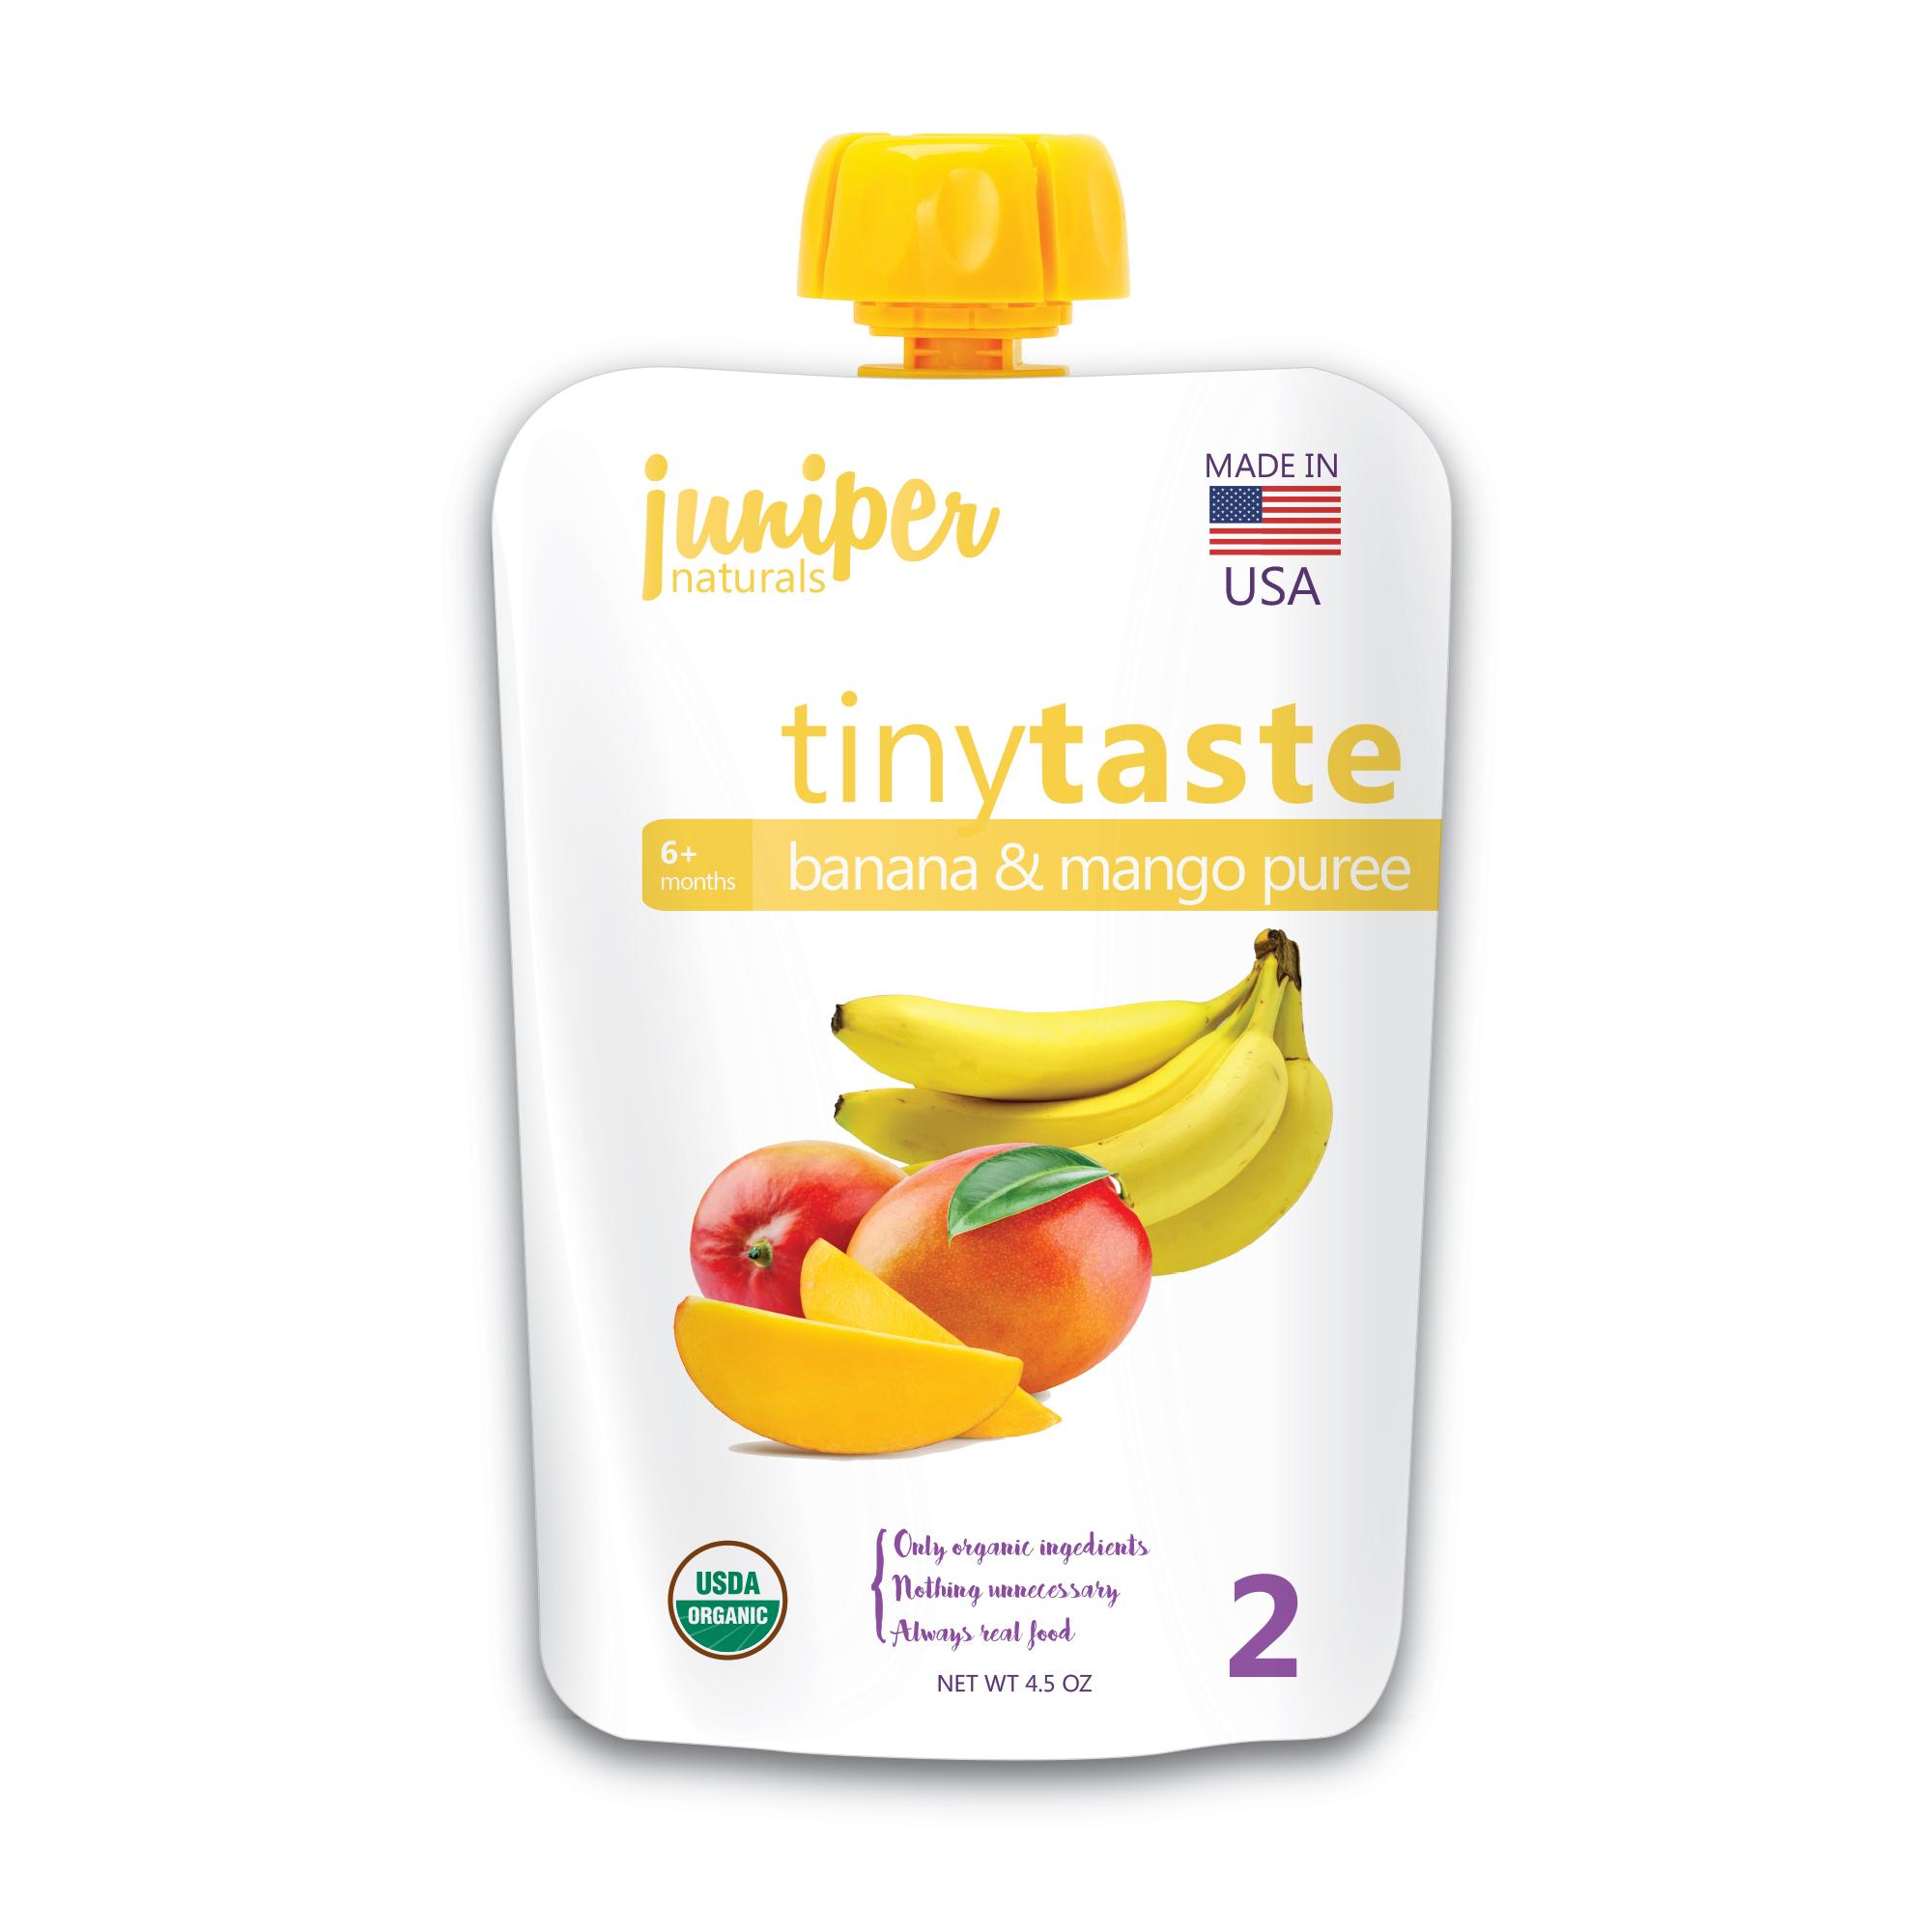 Juniper Naturals banana mango puree